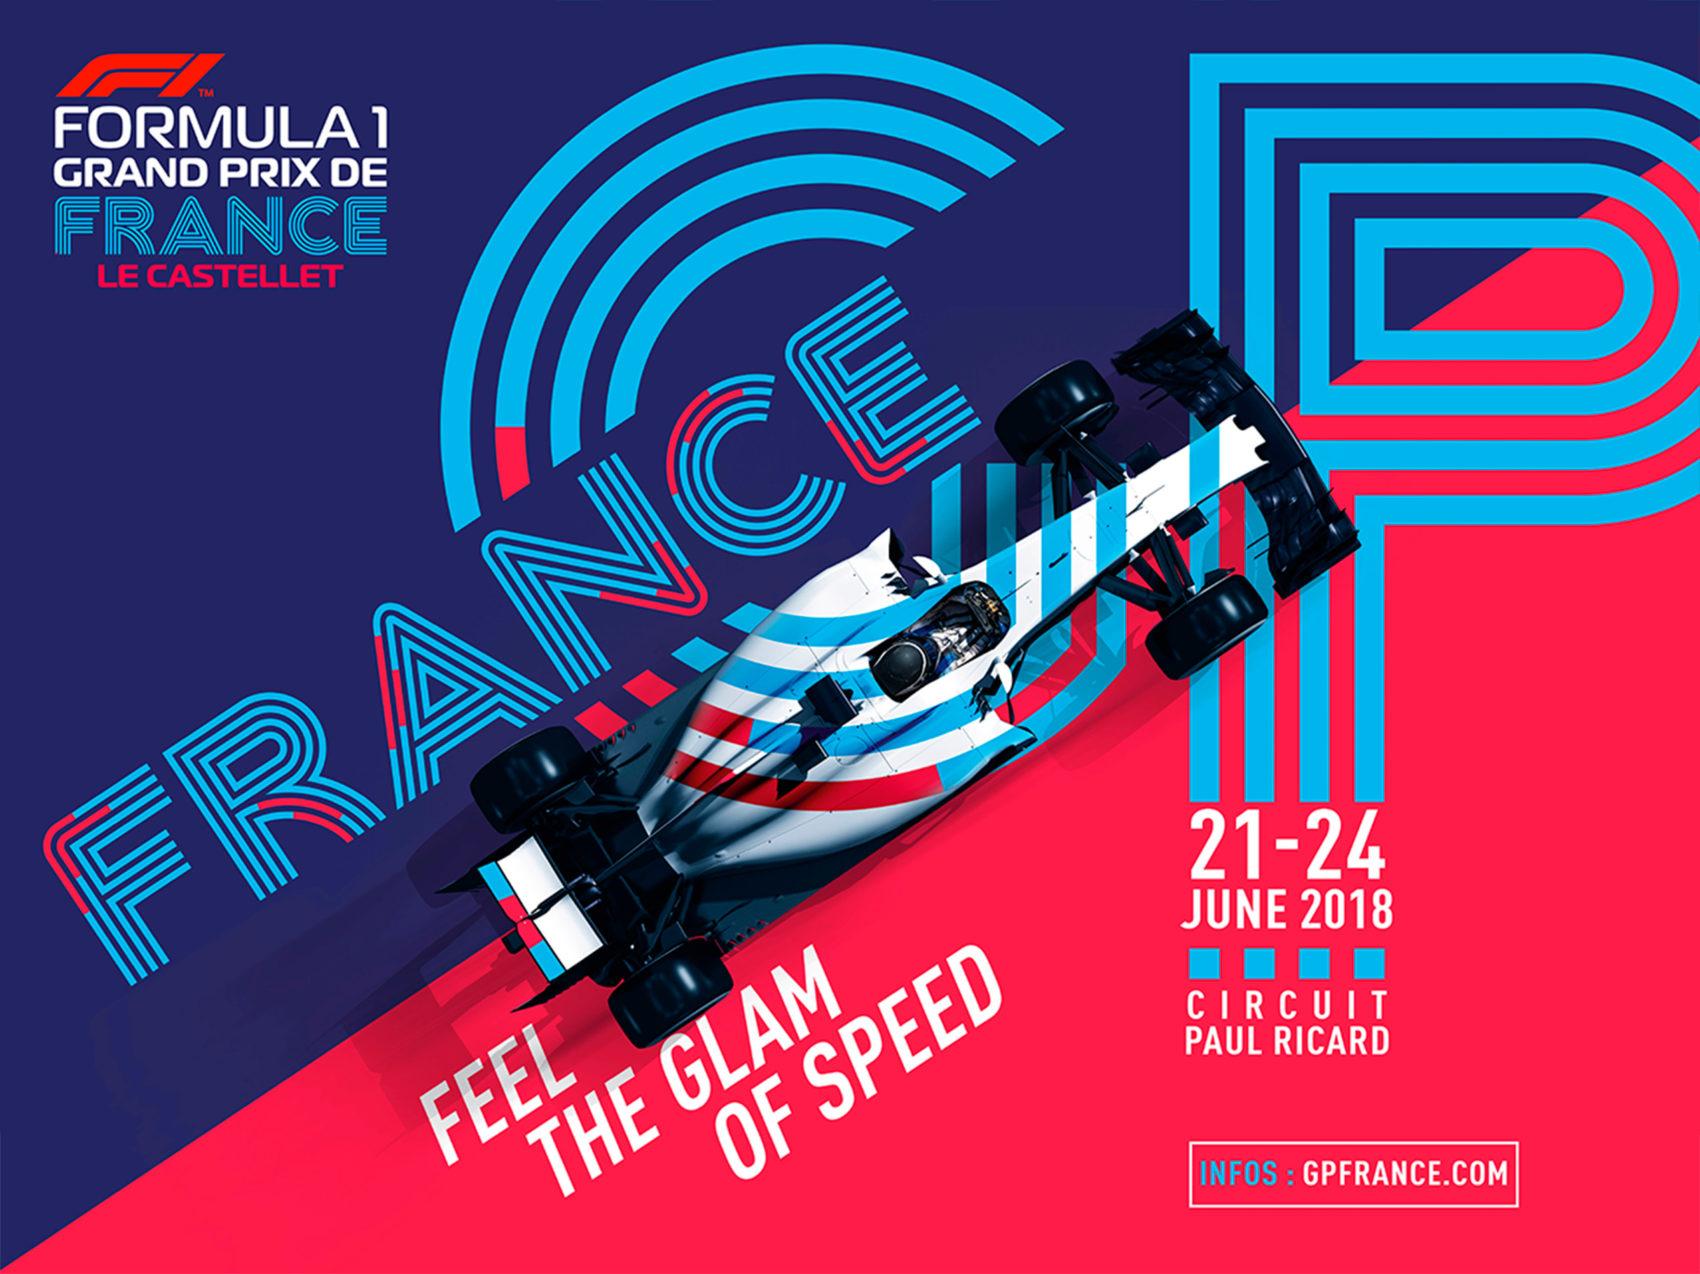 02_GP_2018_GIP_Grand_Prix_de_France_Le_Castellet_F1